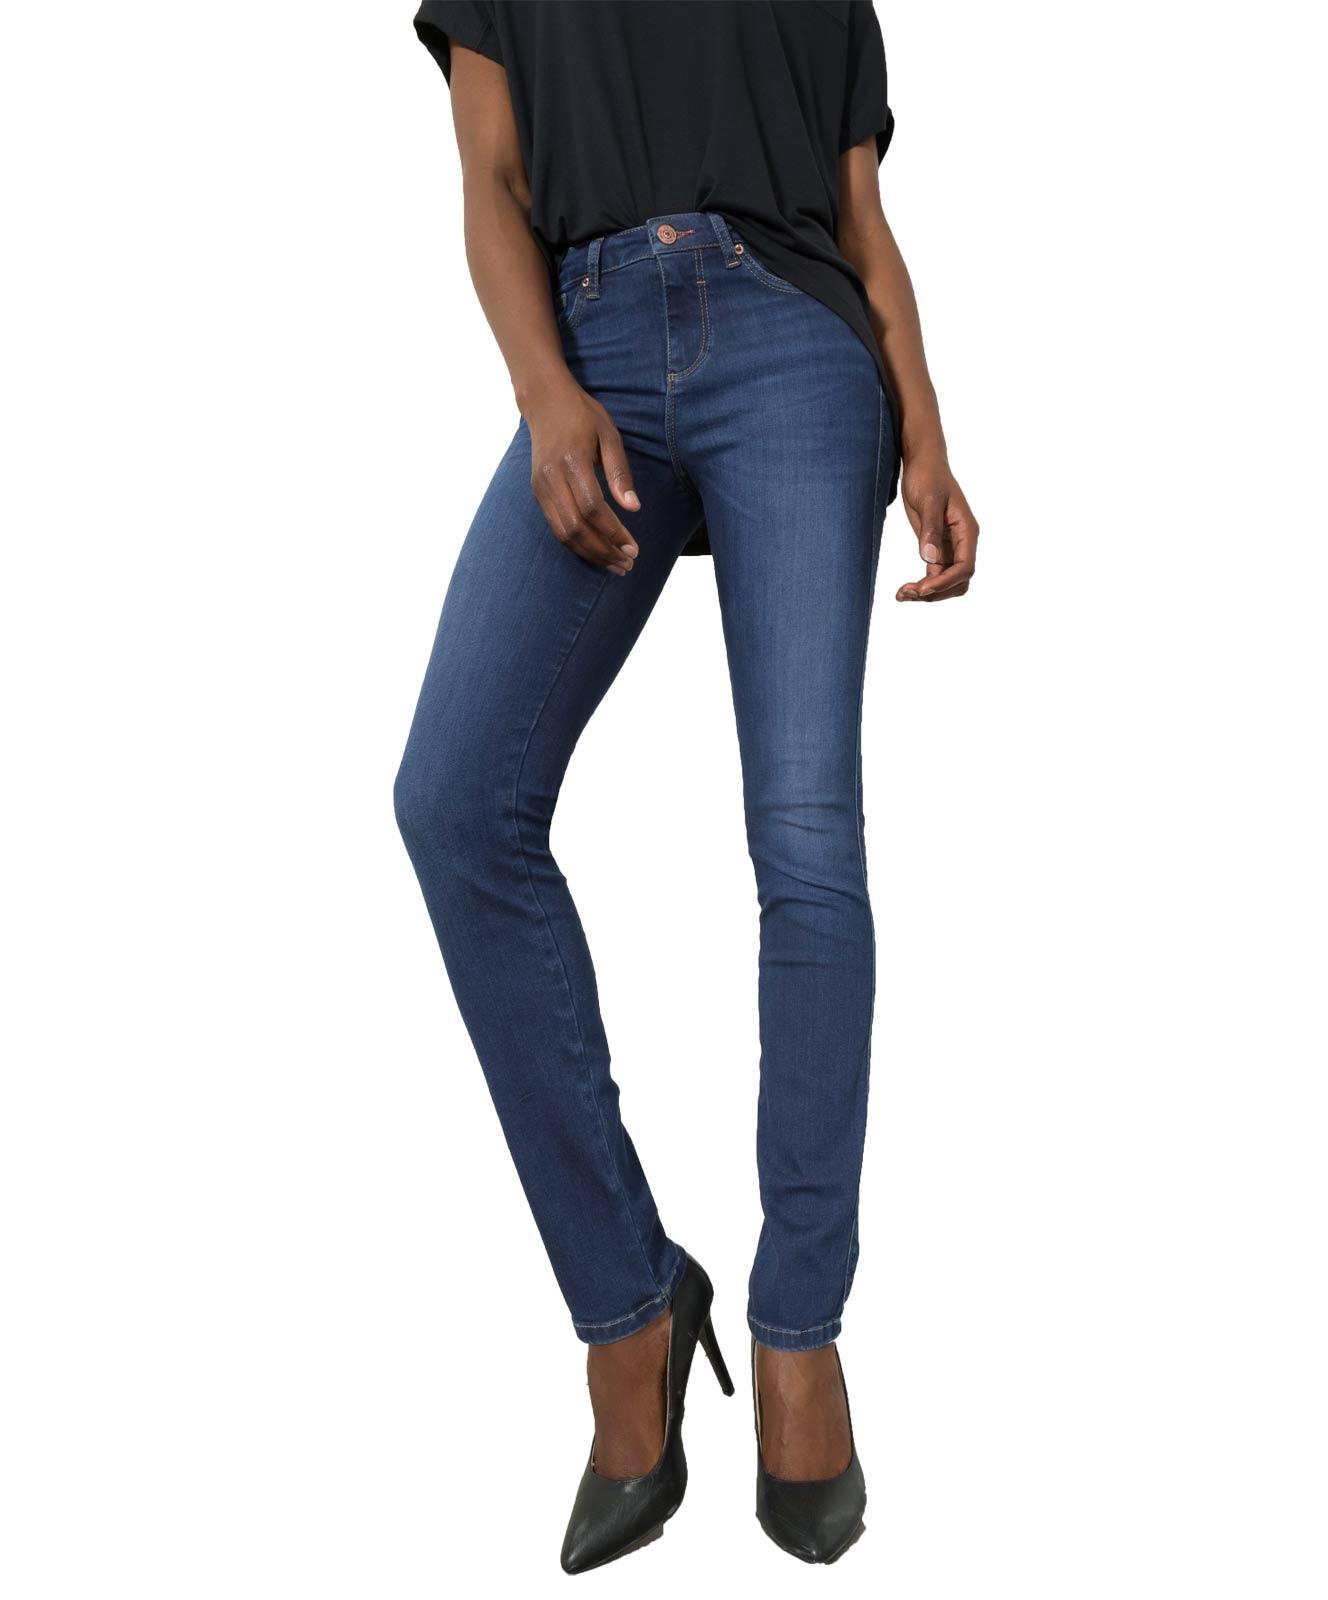 Hosen für Frauen - HIS MARYLIN Jeans Slim Fit Medium Blue Wash  - Onlineshop Jeans Meile